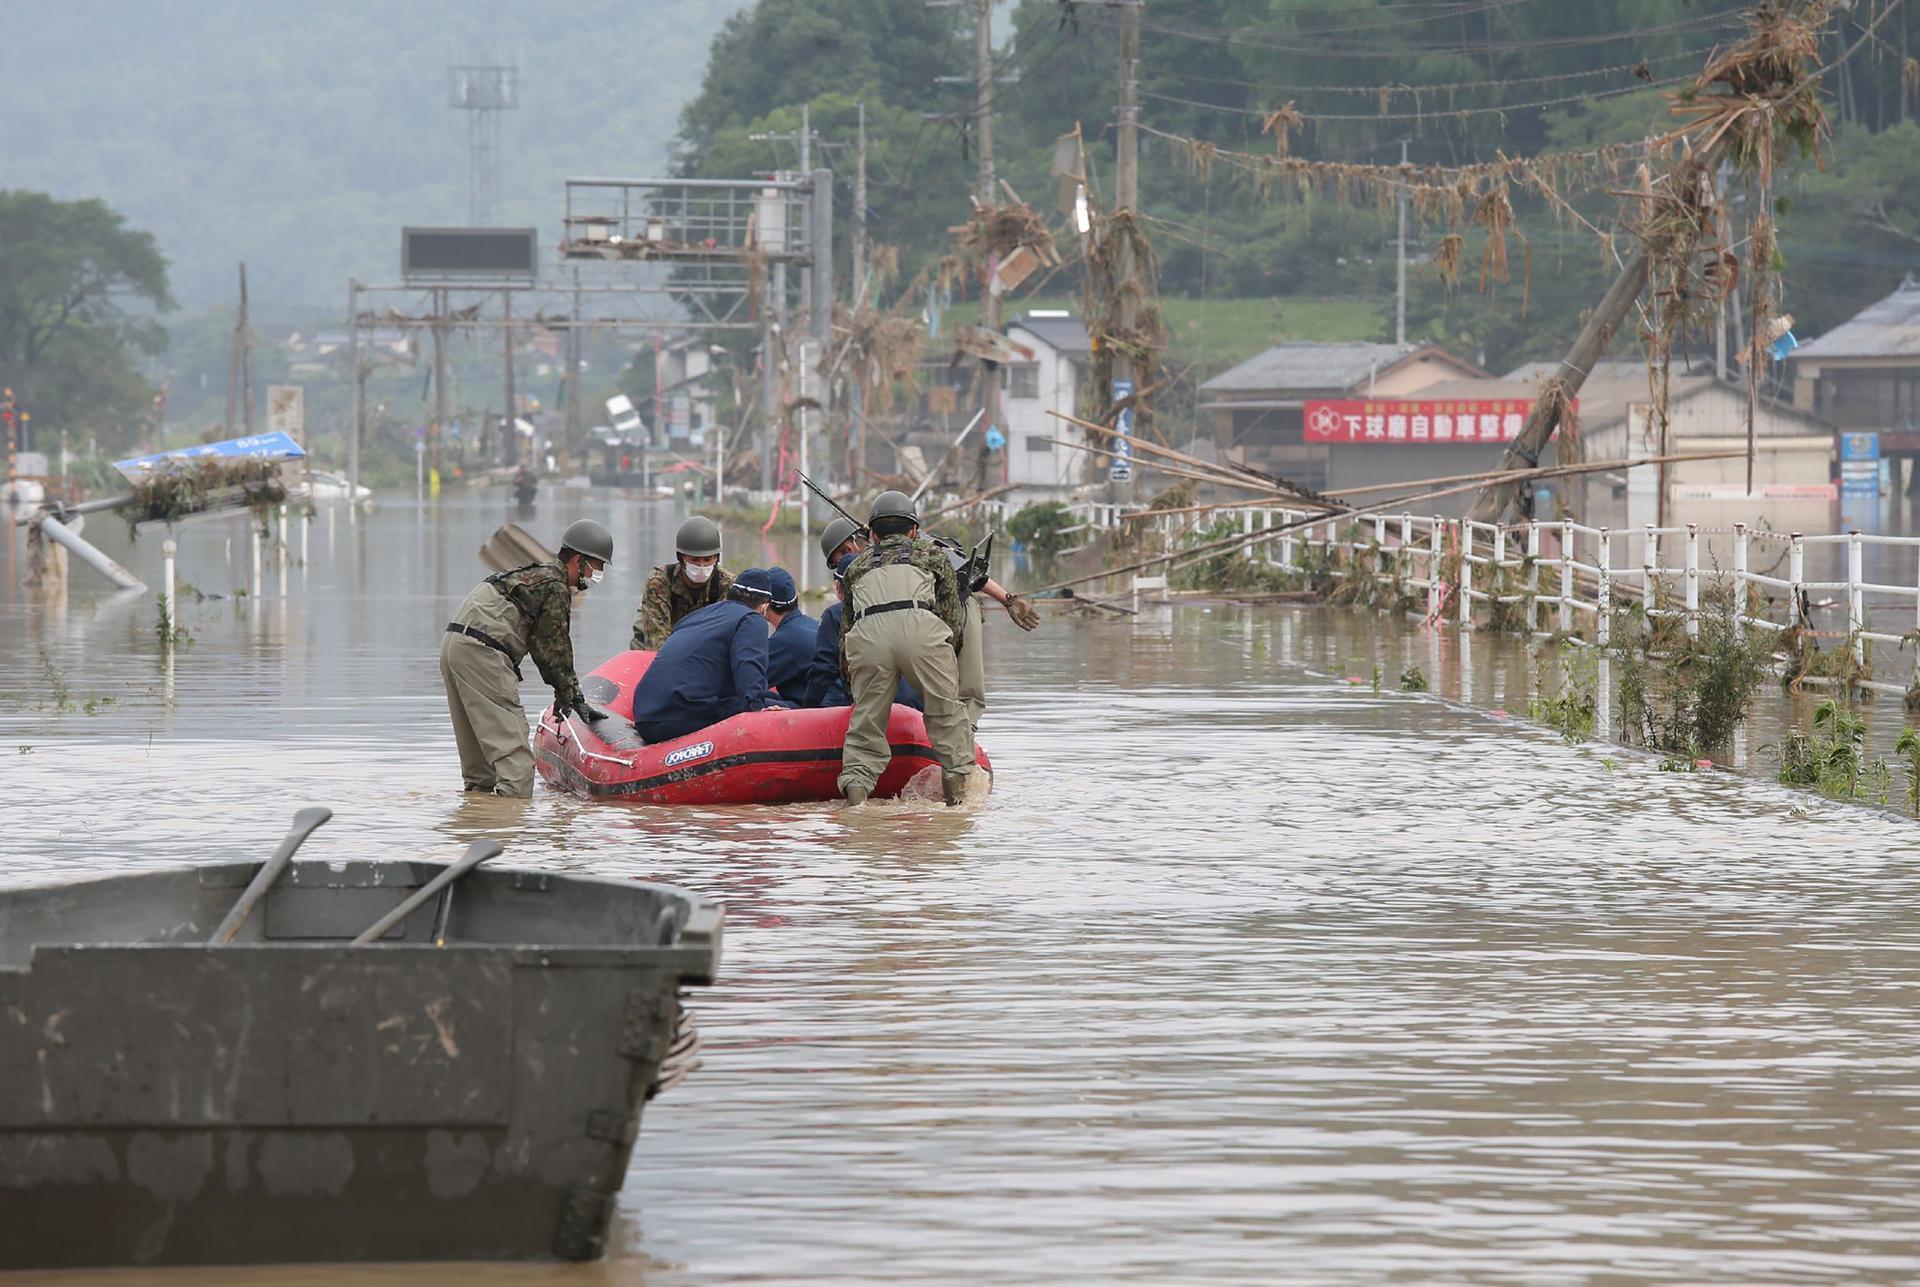 إجلاء أكثر من 20 ألف شخص في الصين بسبب الفيضانات